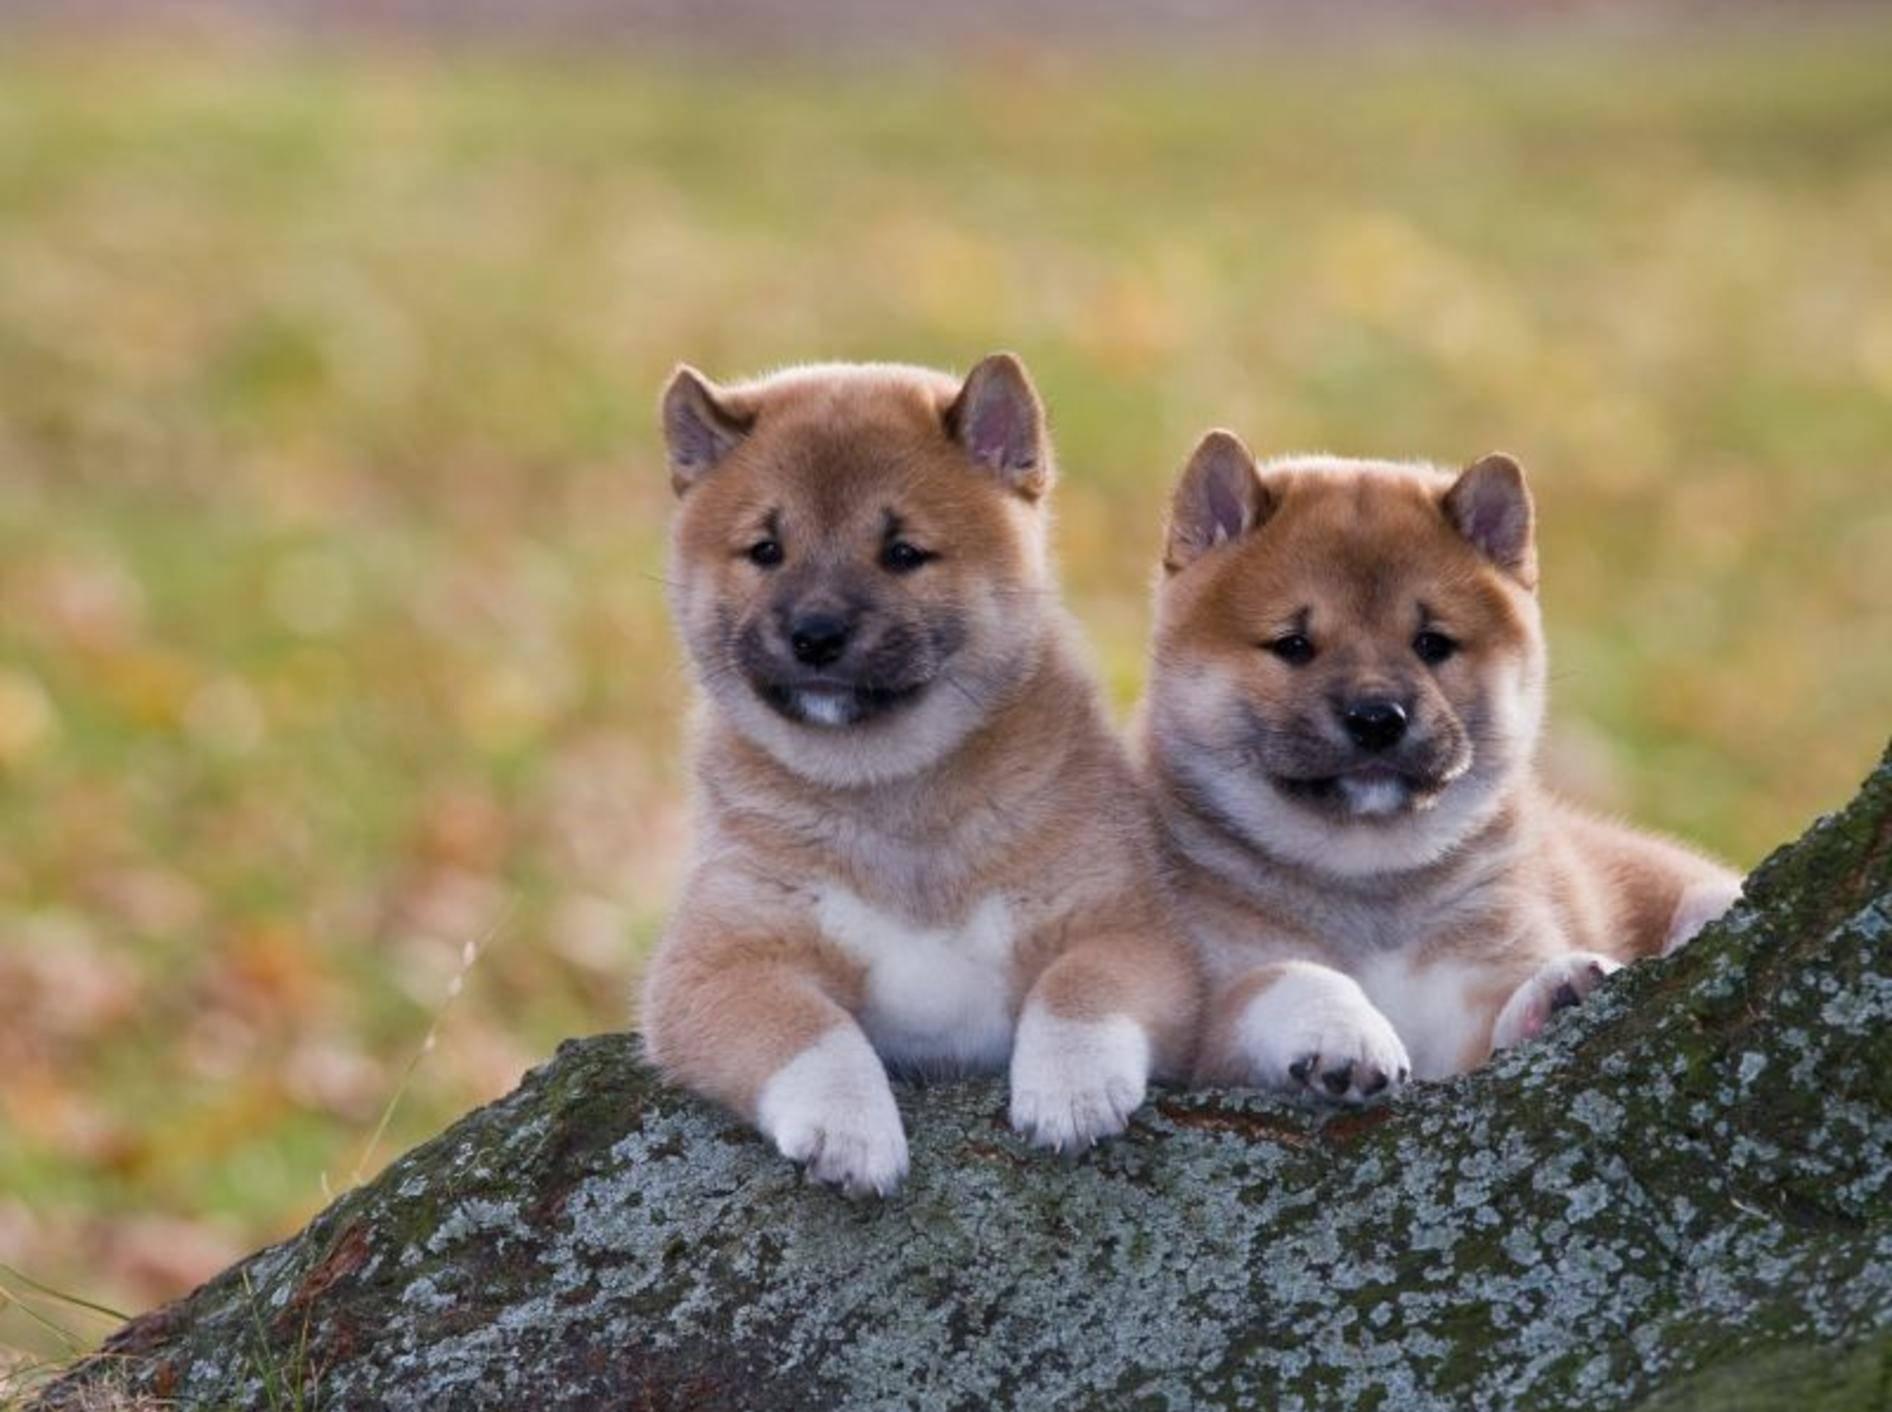 Der Shiba: Ein kluger, wachsamer und sehr selbsständiger Hund aus Japan – Bild: Shutterstock / Lenkadan